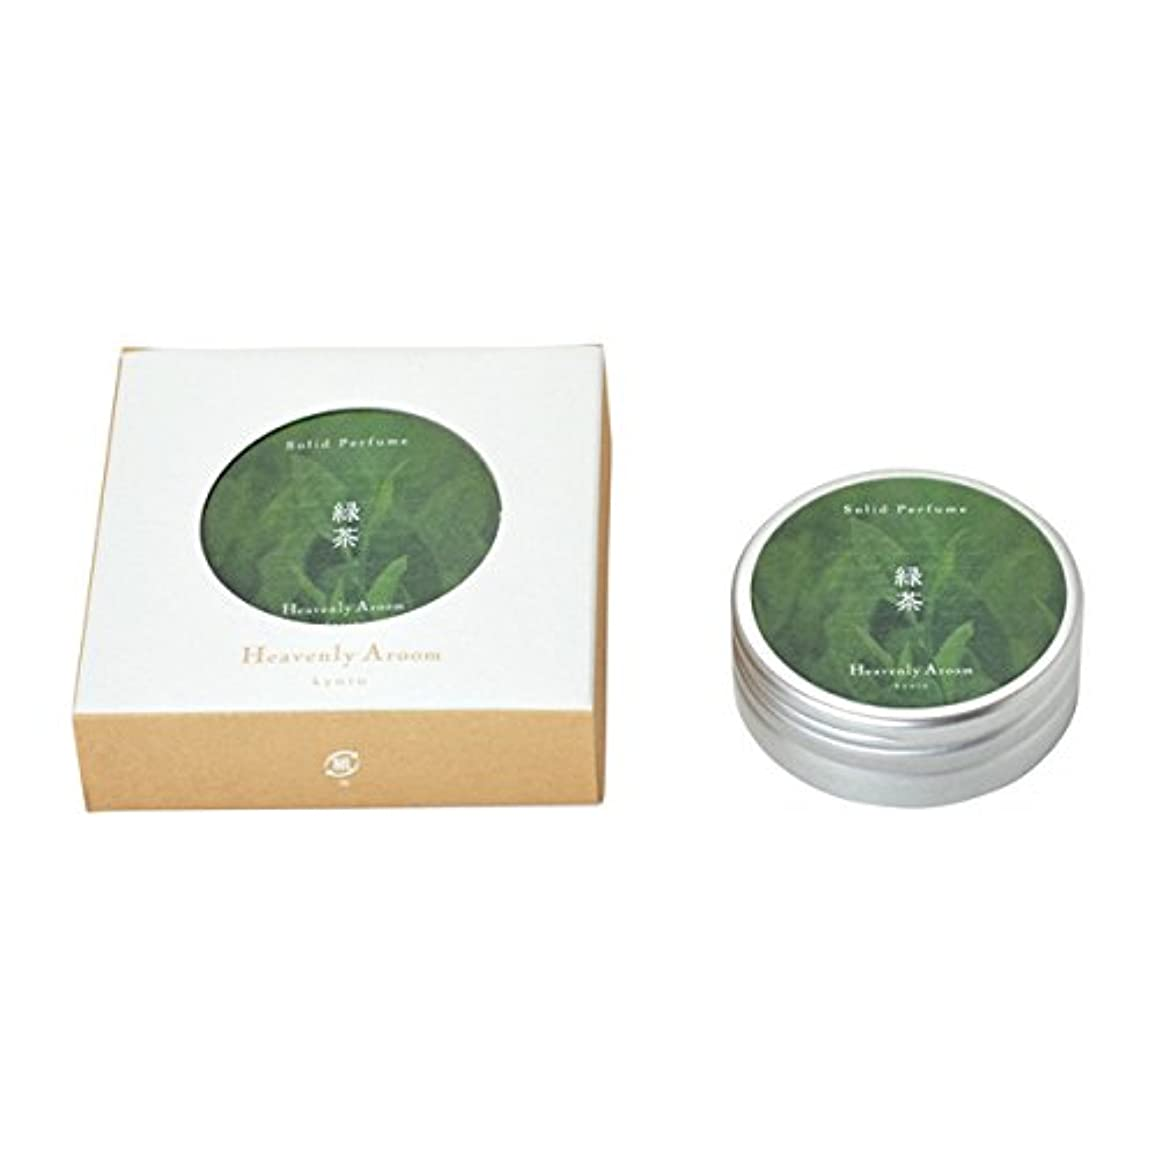 追放エスカレーター取り替えるHeavenly Aroom ソリッドパフューム 緑茶 15g